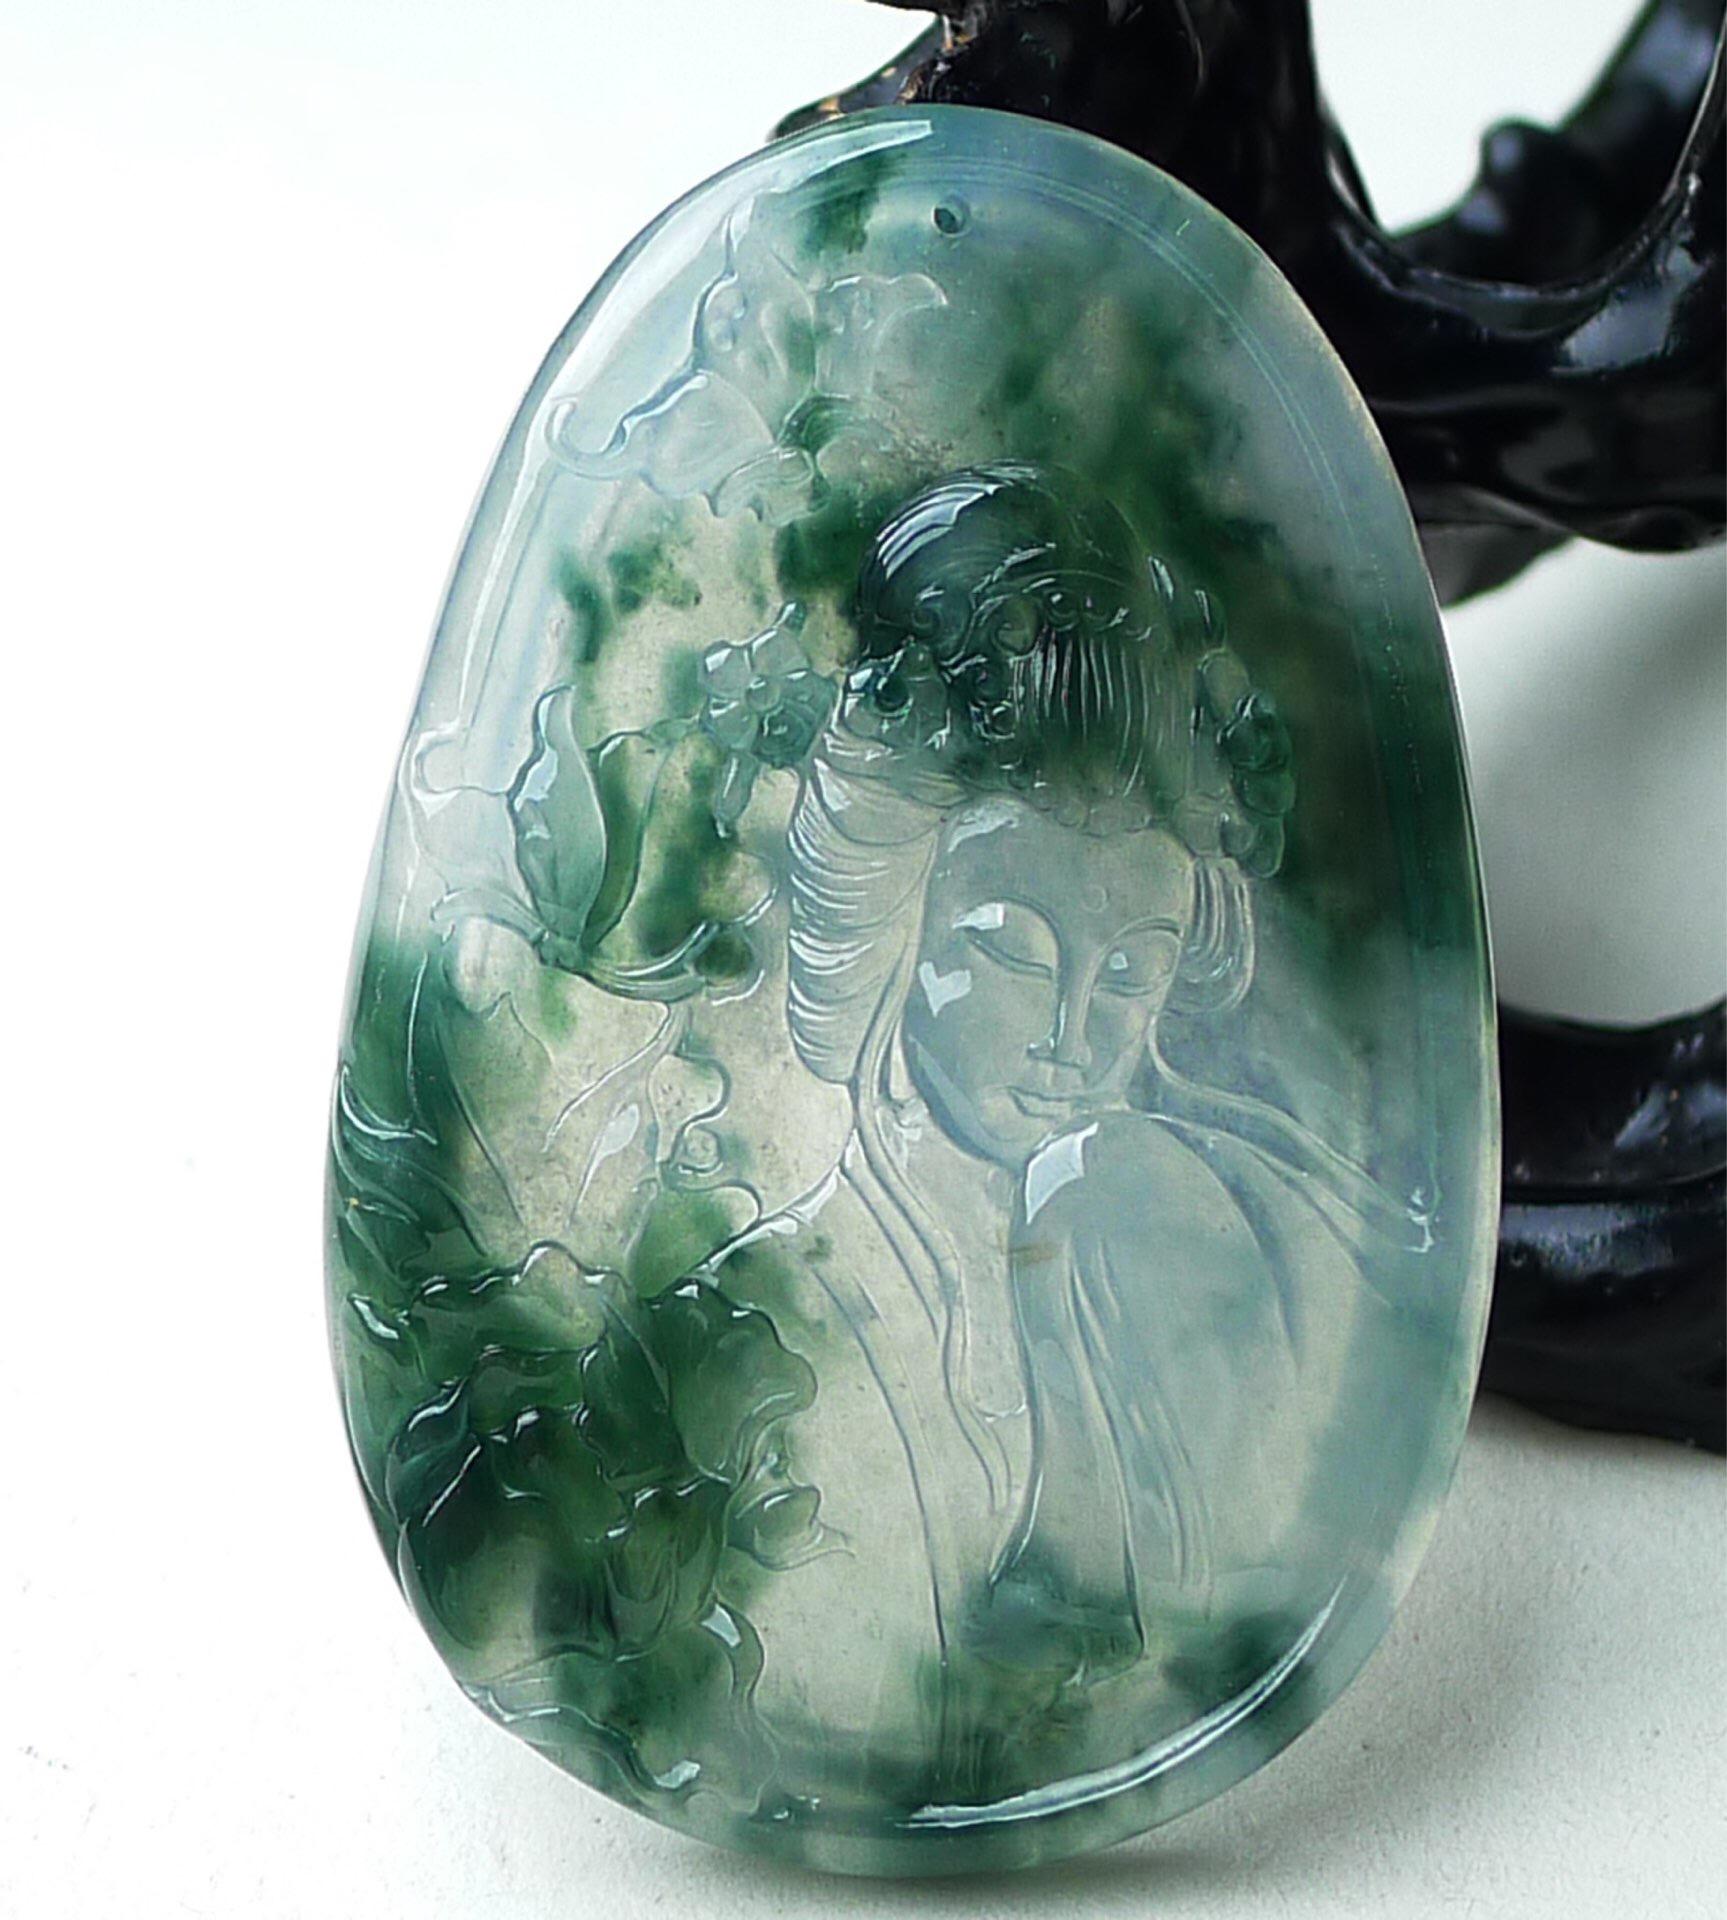 缅甸天然翡翠A货水润冰润飘绿美女挂件靓玉质细腻种老好足雕刻精